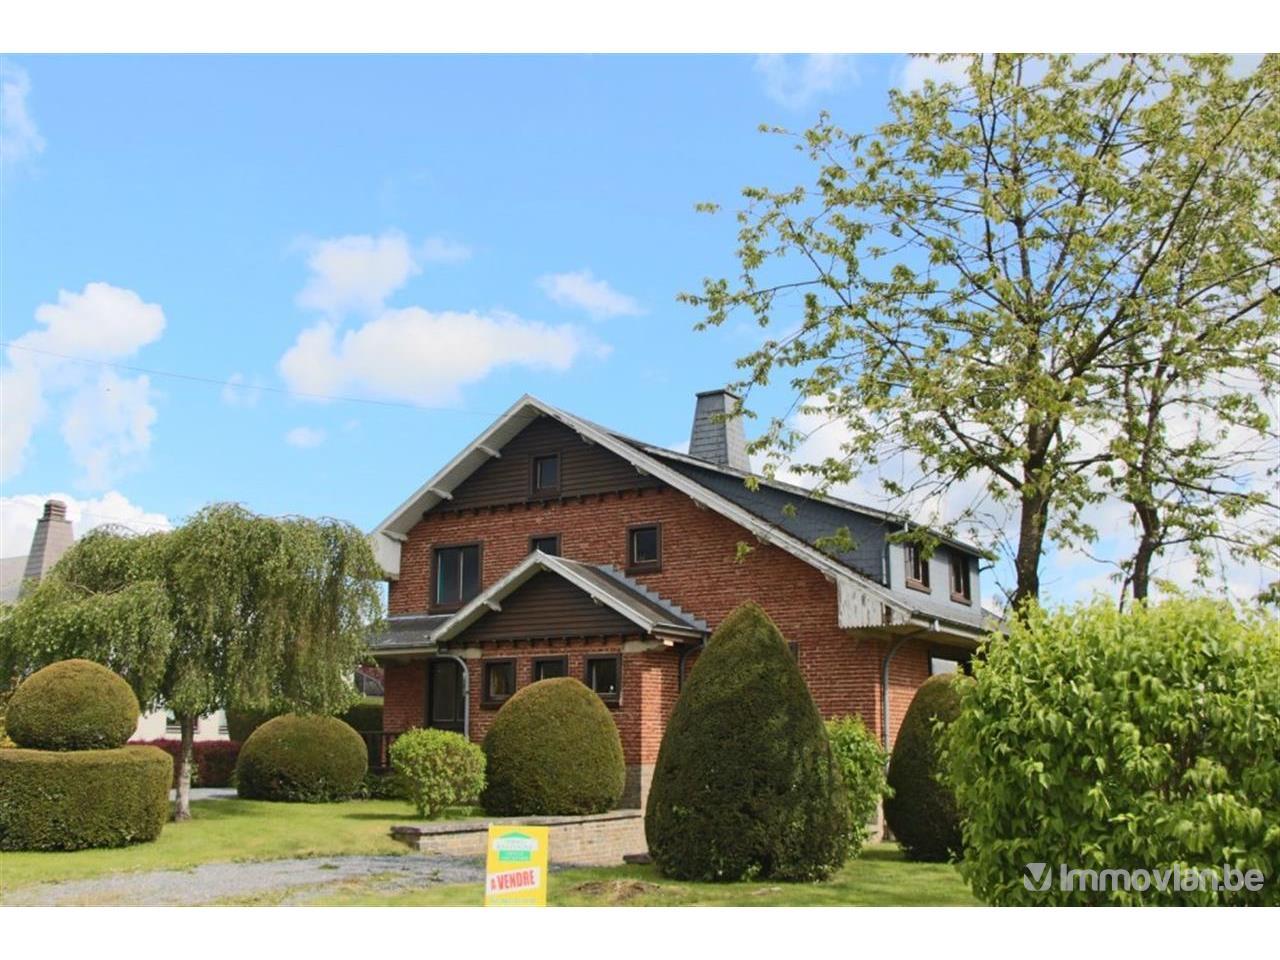 Pour 300.000 €, quelle maison avez-vous à Ostende, Bruxelles et Bastogne ?